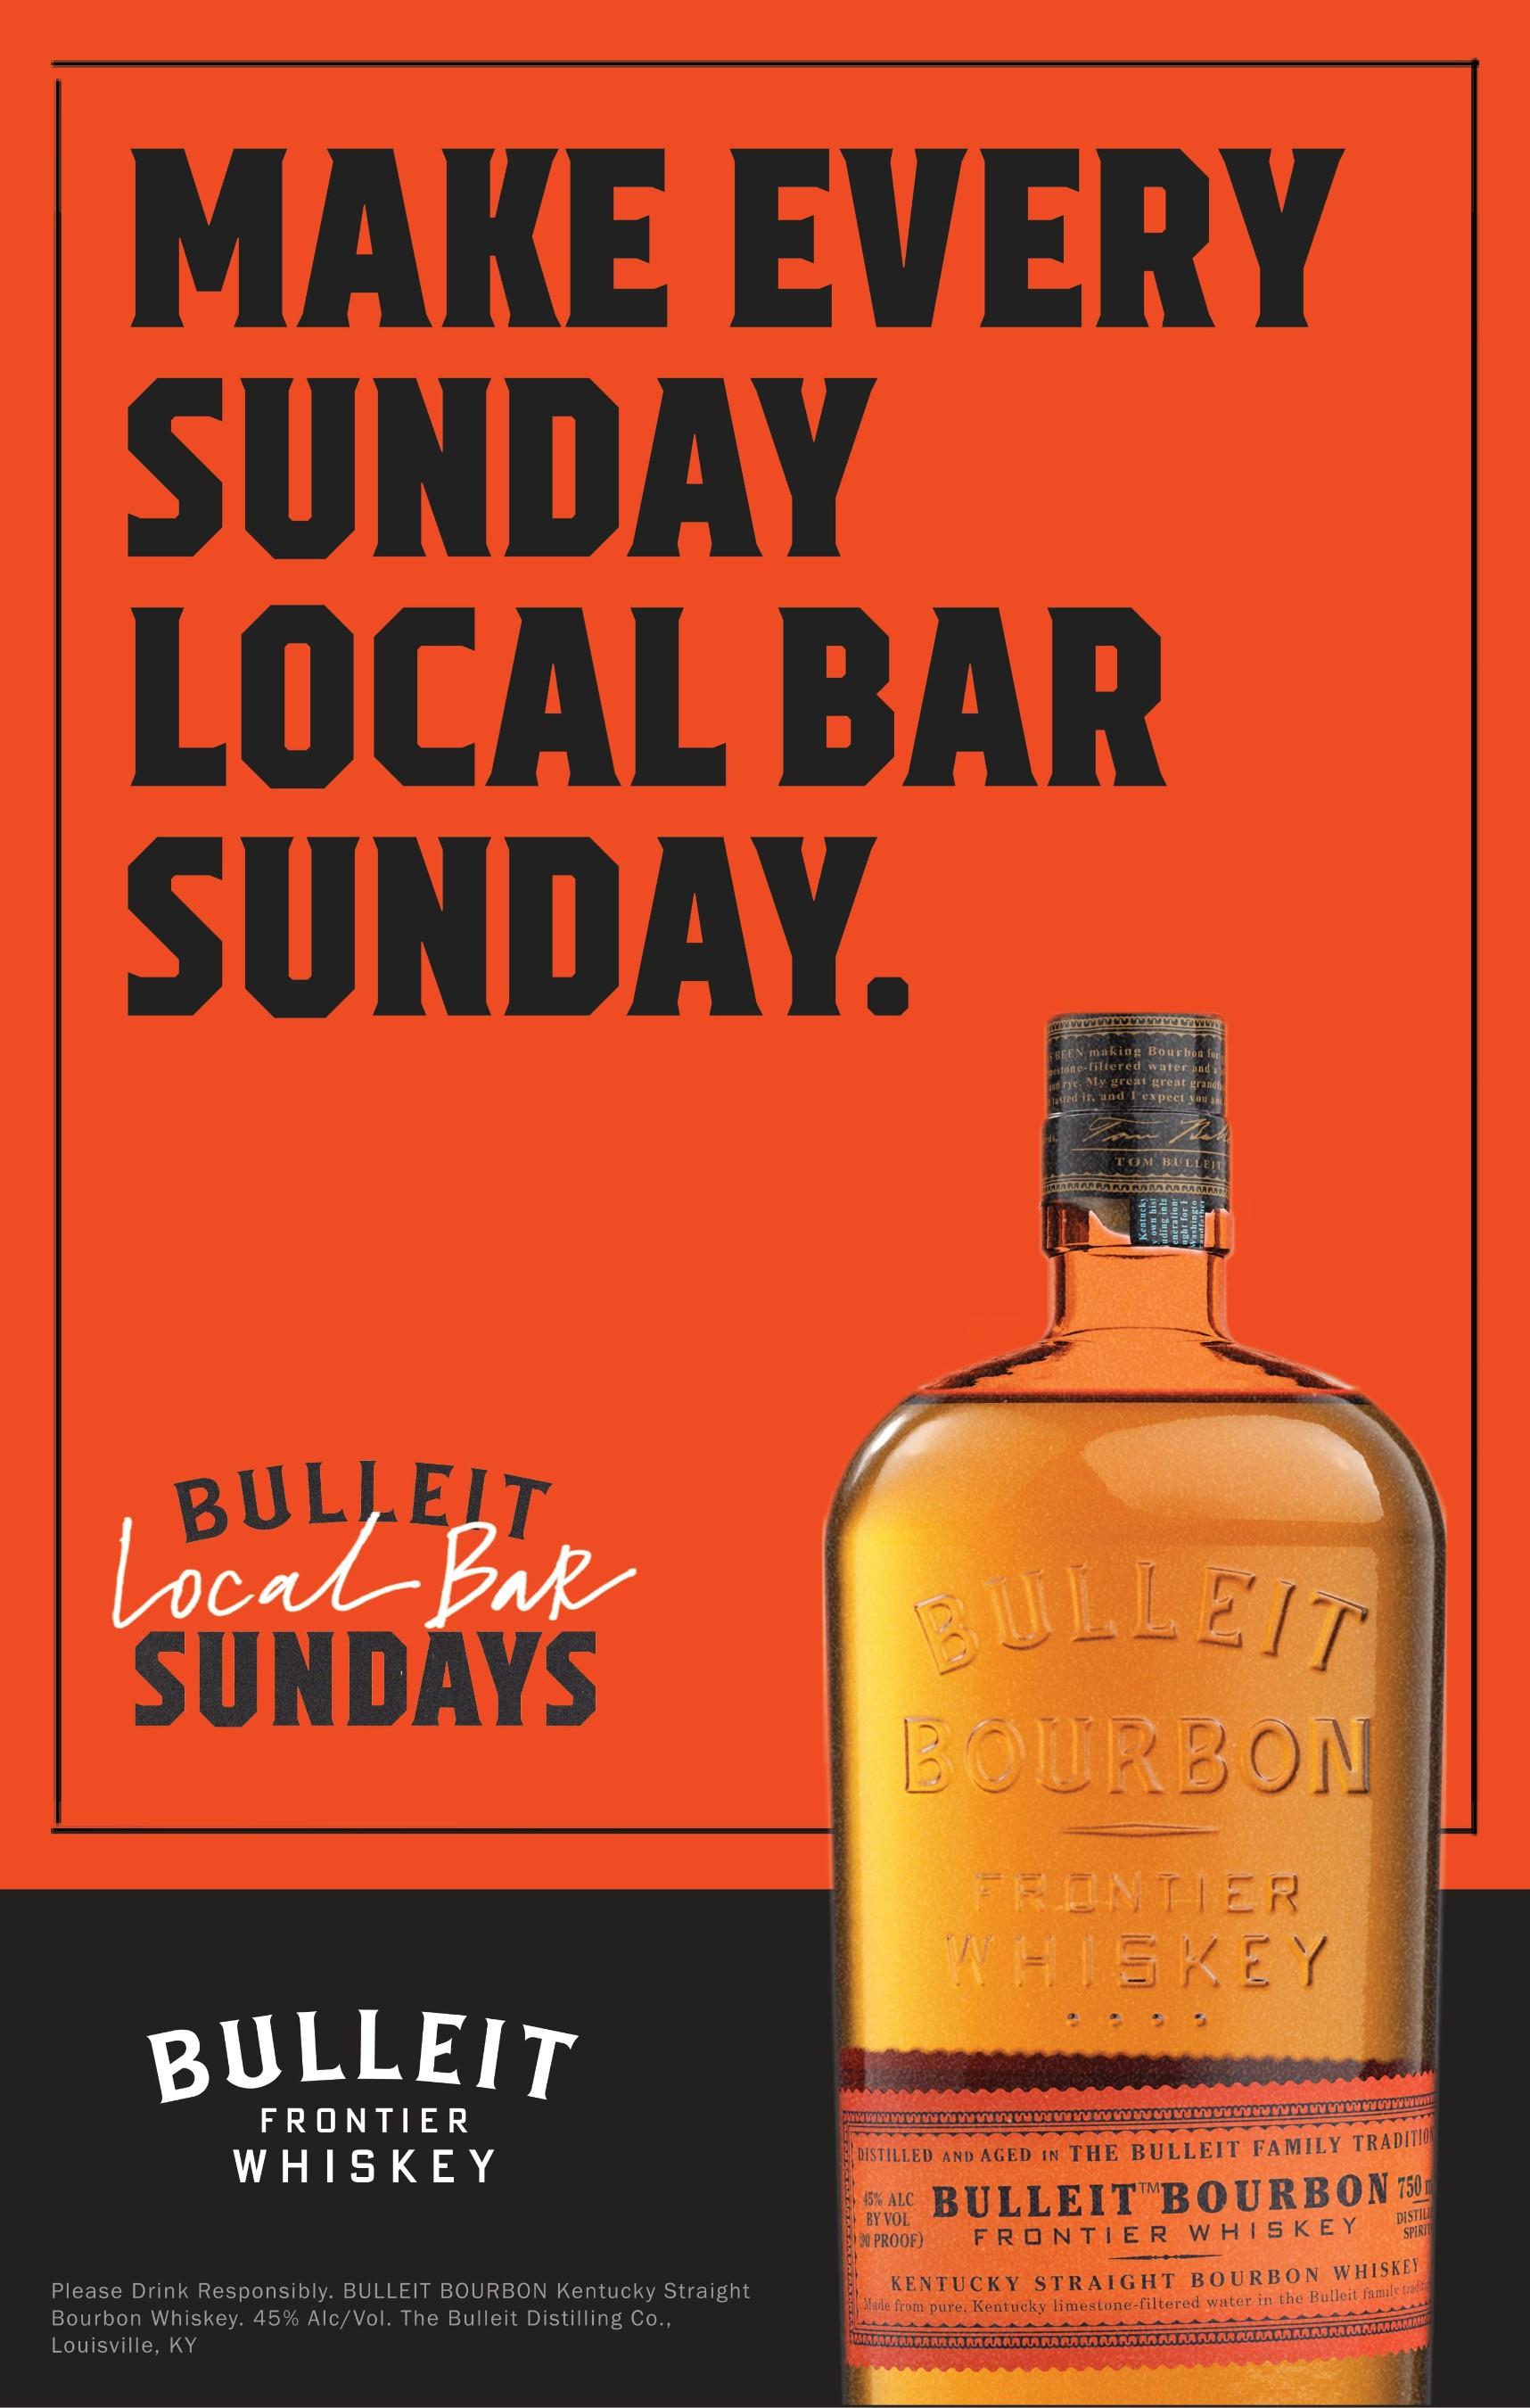 Make Every Sunday Local Bar Sunday